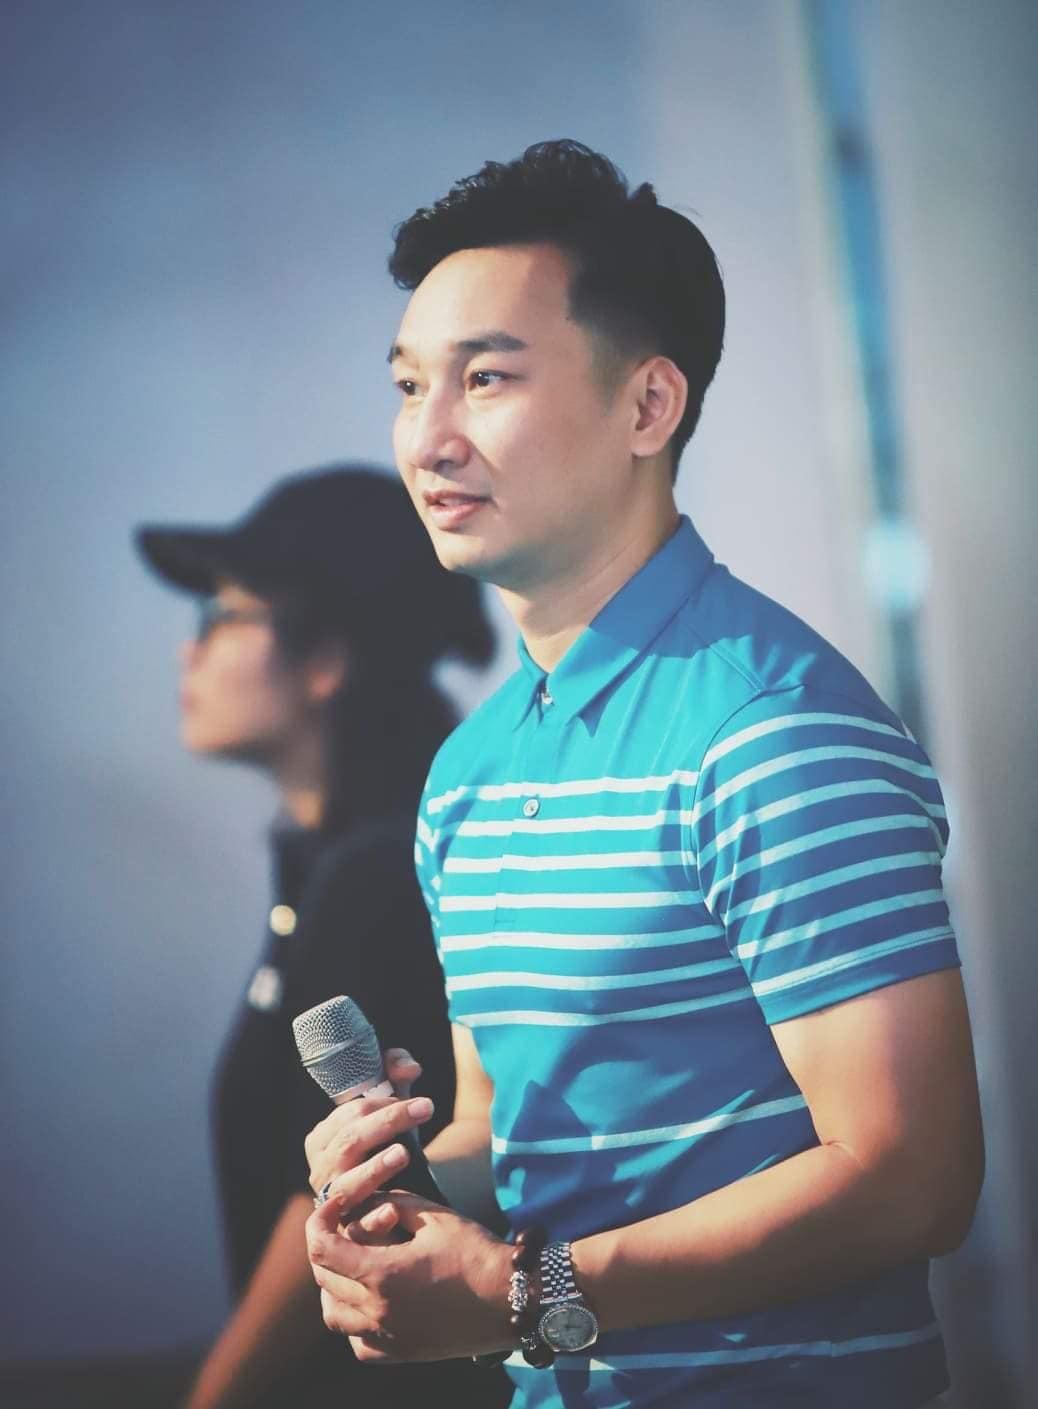 sao Việt,Đàm Vĩnh Hưng,Quốc Trường,MC Phương Mai,HLV Park Hang Seo,Công Phượng,MC Thành Trung